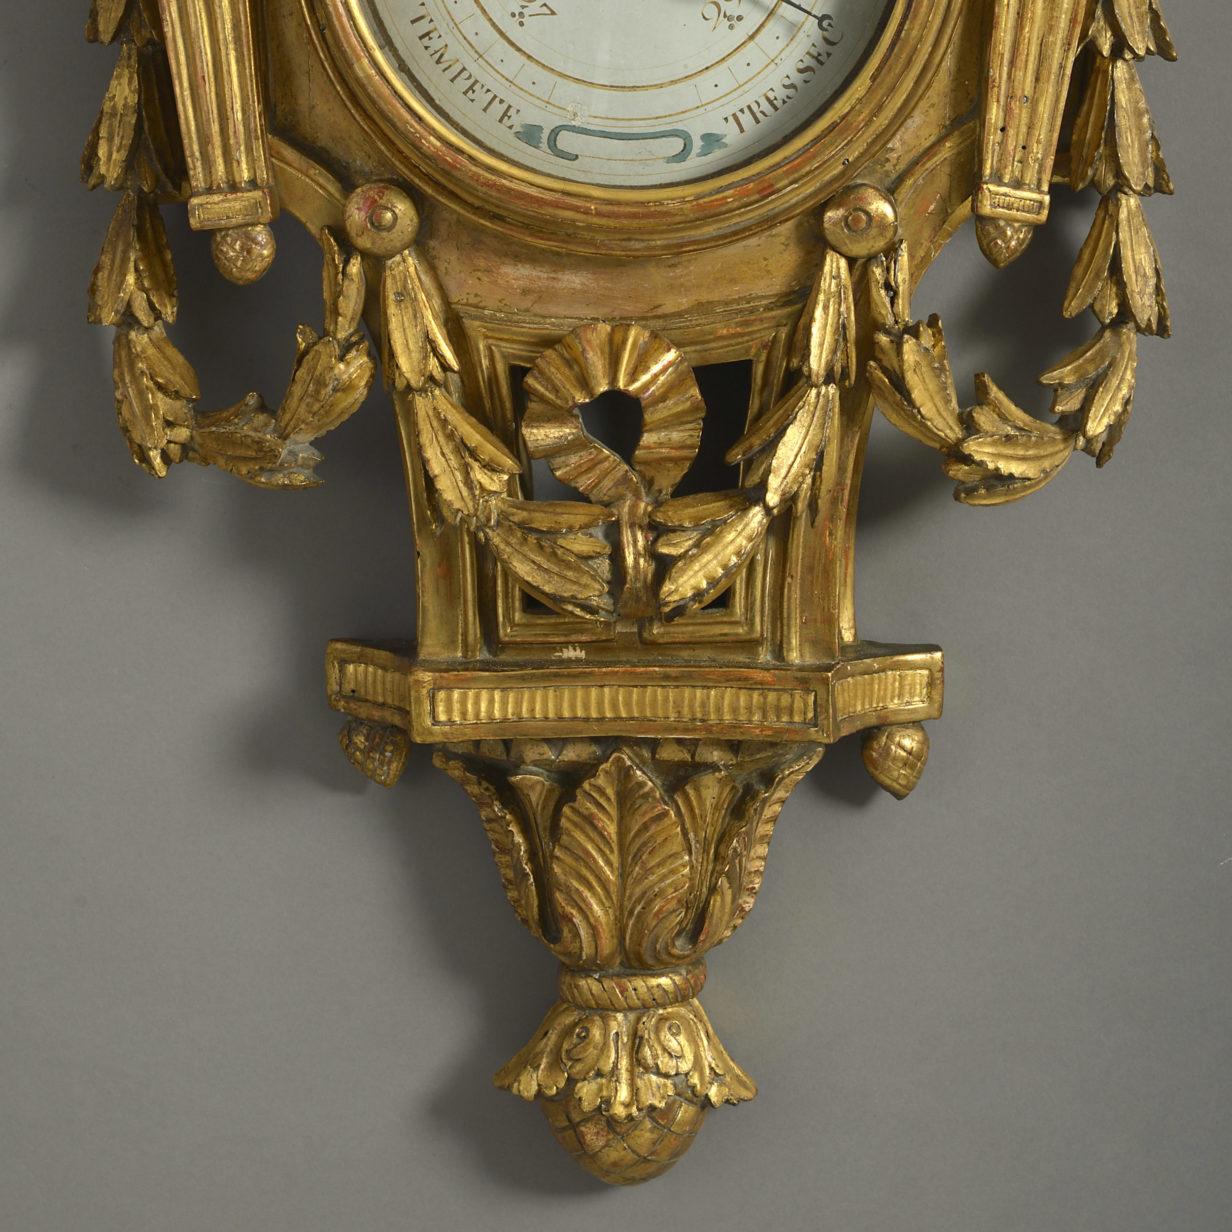 A Cartel Barometer